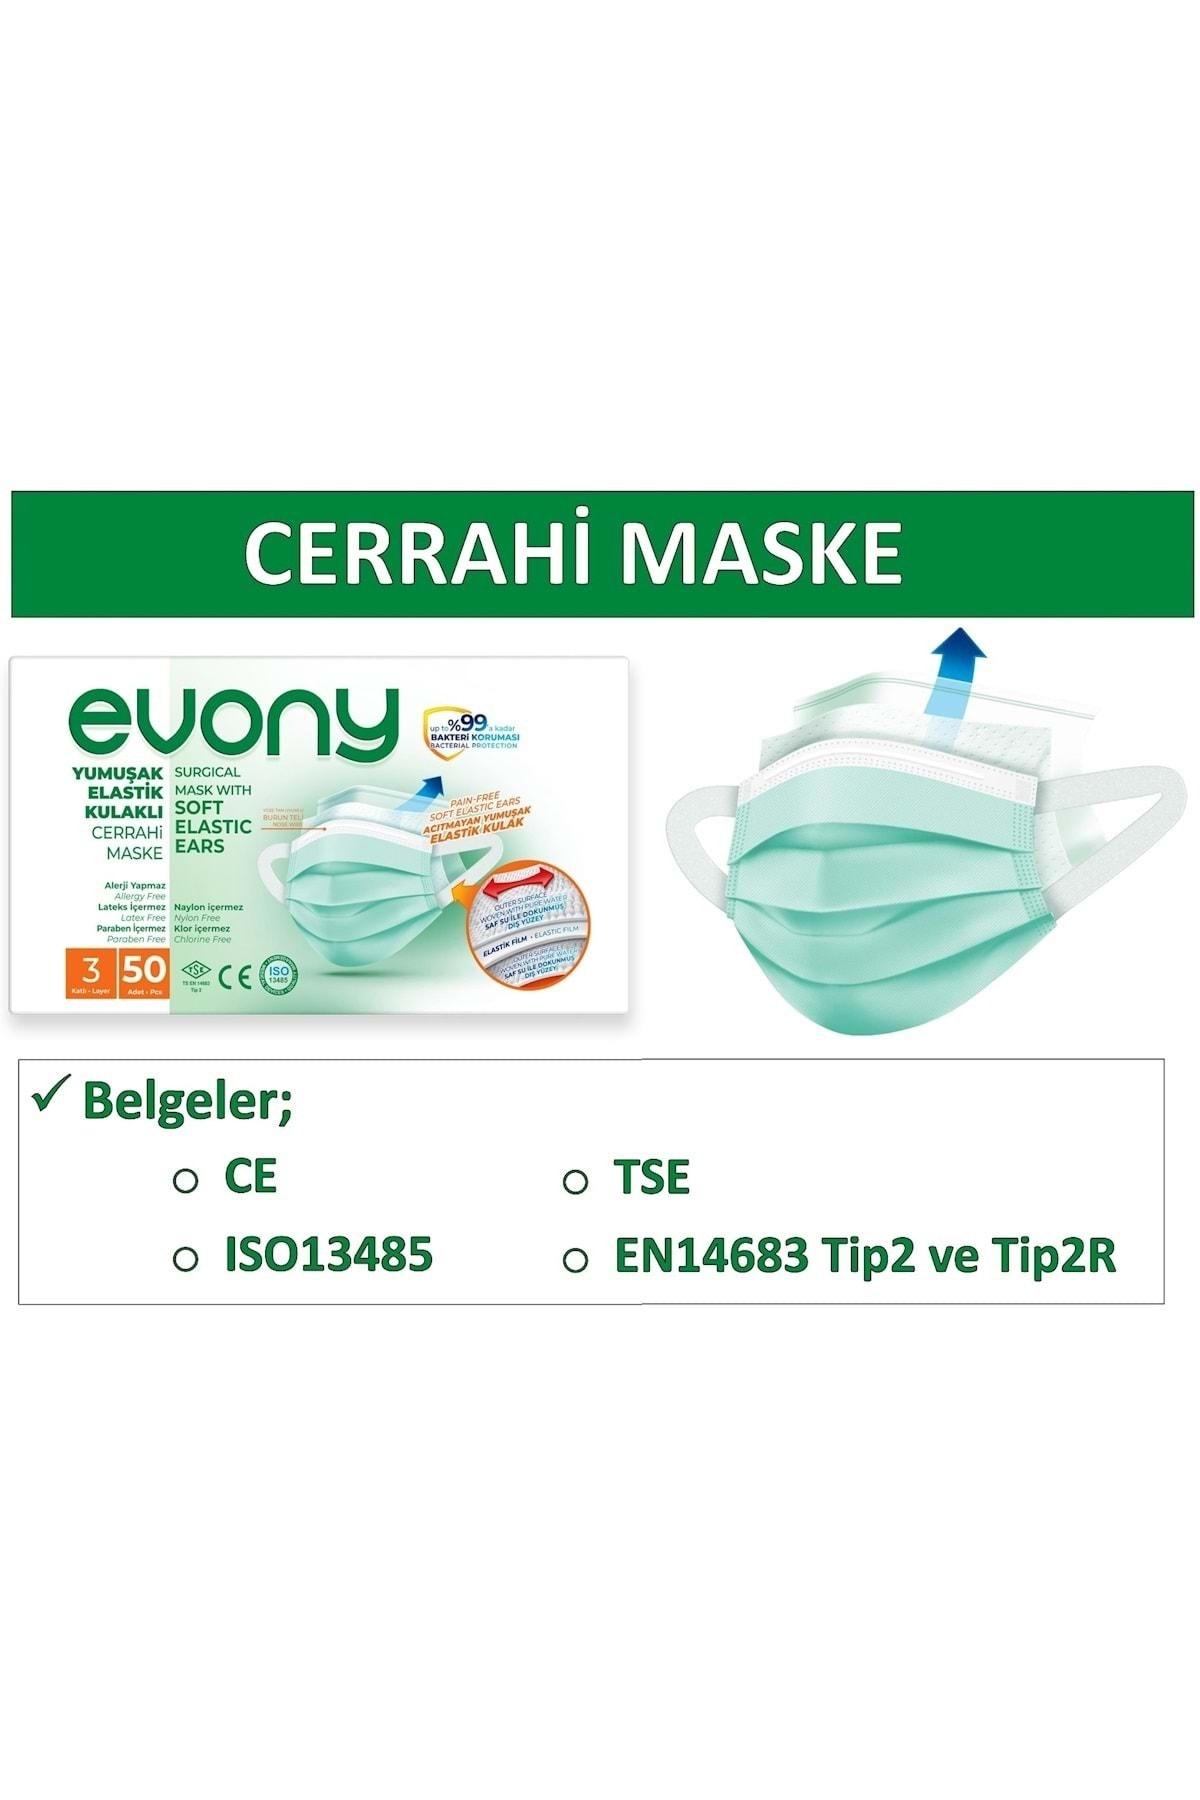 Evony 3 Katlı Filtreli Burun Telli Cerrahi Maske 50'li Paket -Yumuşak Elastik Kulaklı 2